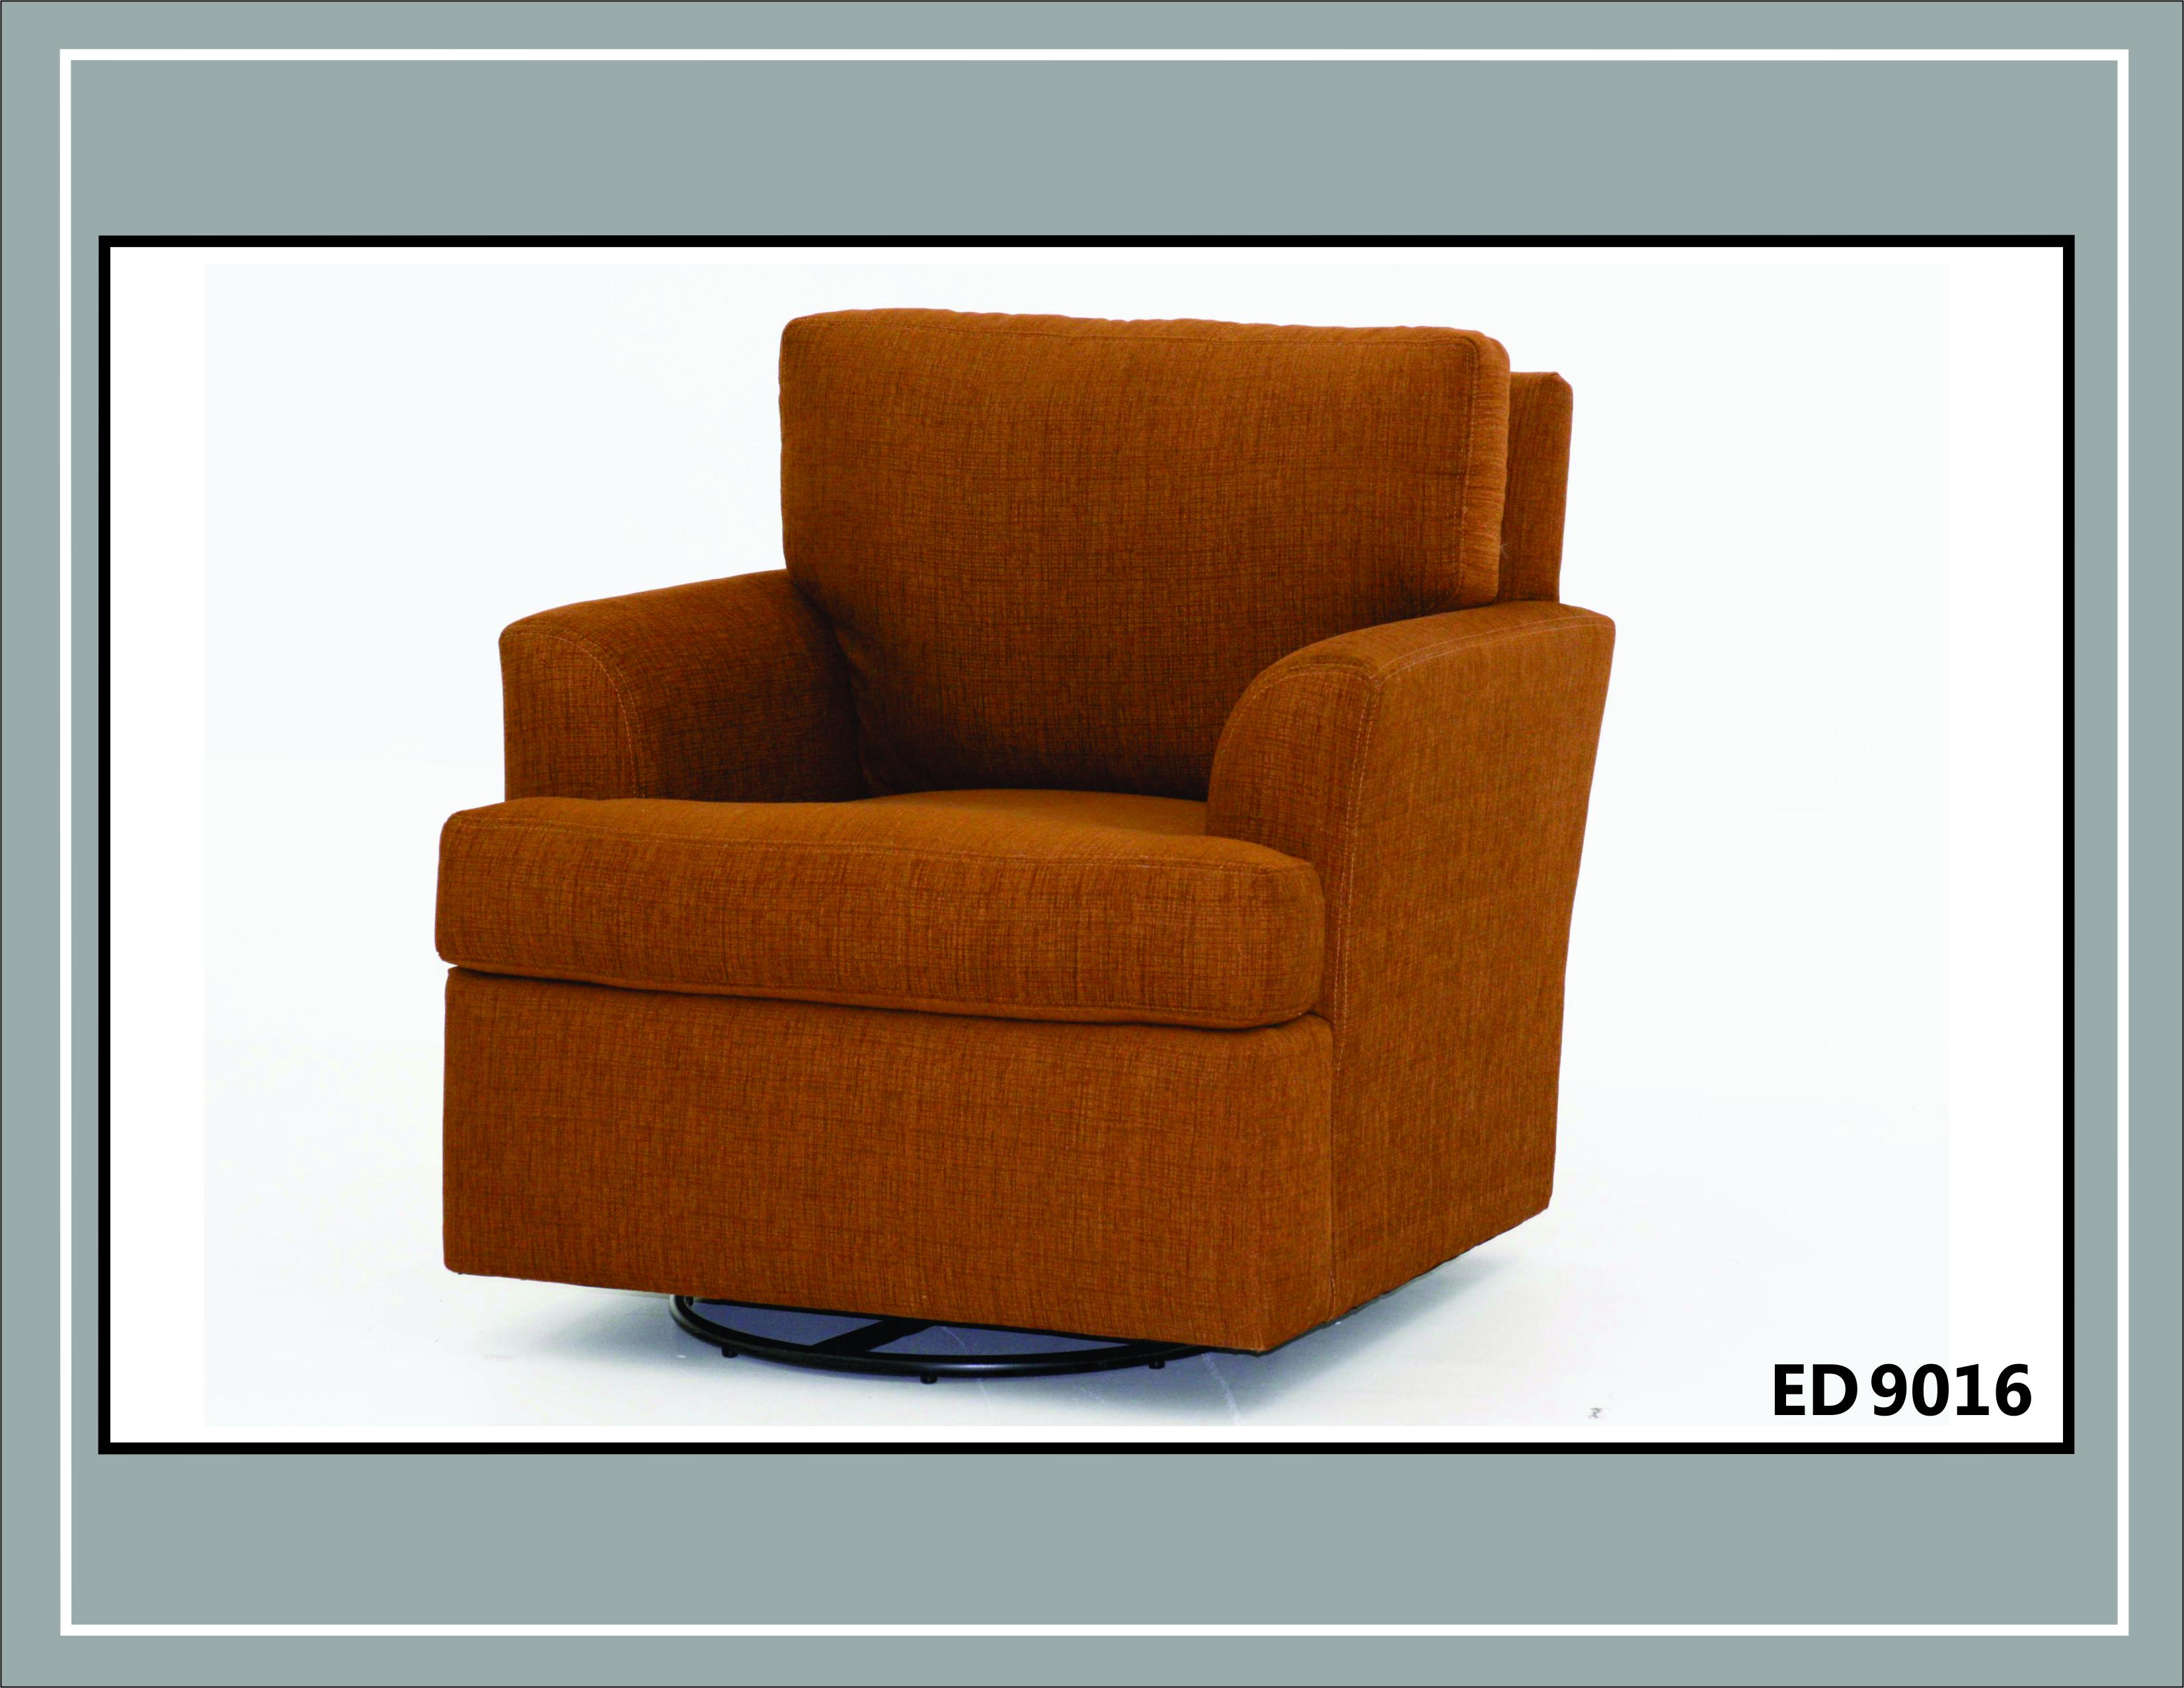 ED9016 Chair 2 Arm